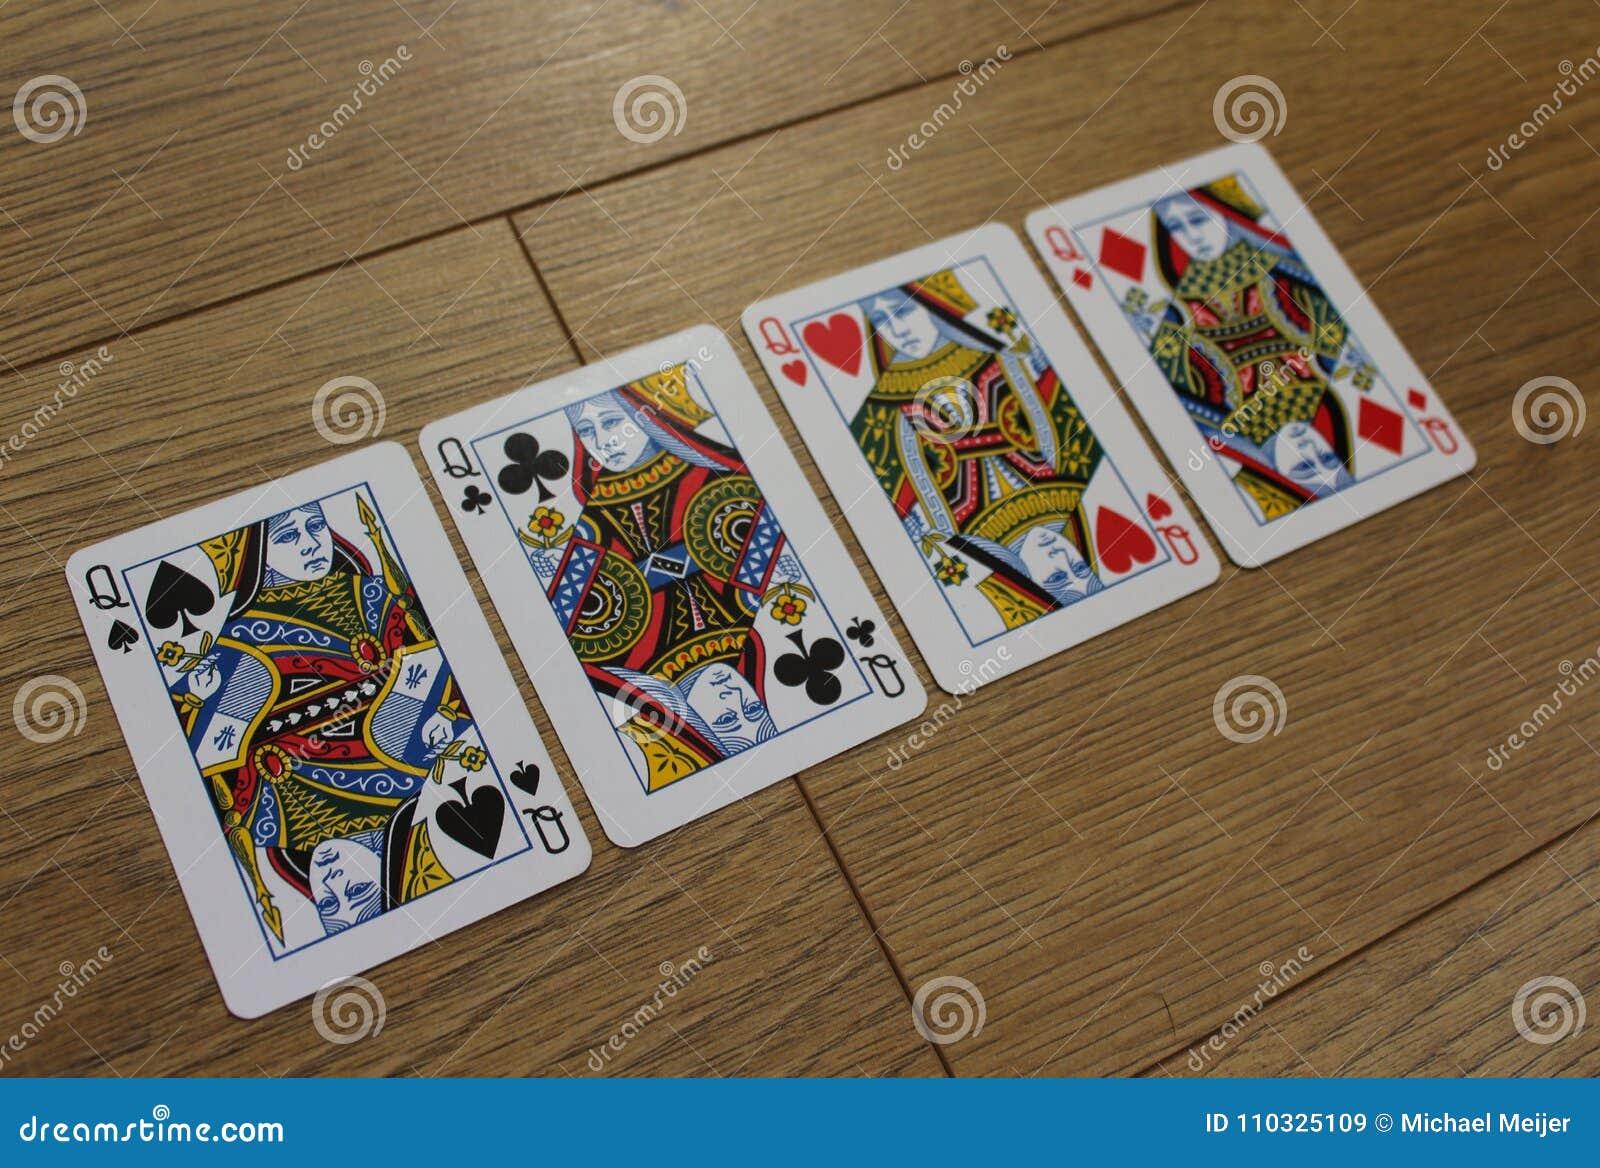 Pokerkarten auf einem hölzernen backround, Satz Königinnen von Vereinen, Diamanten, Spaten und Herzen